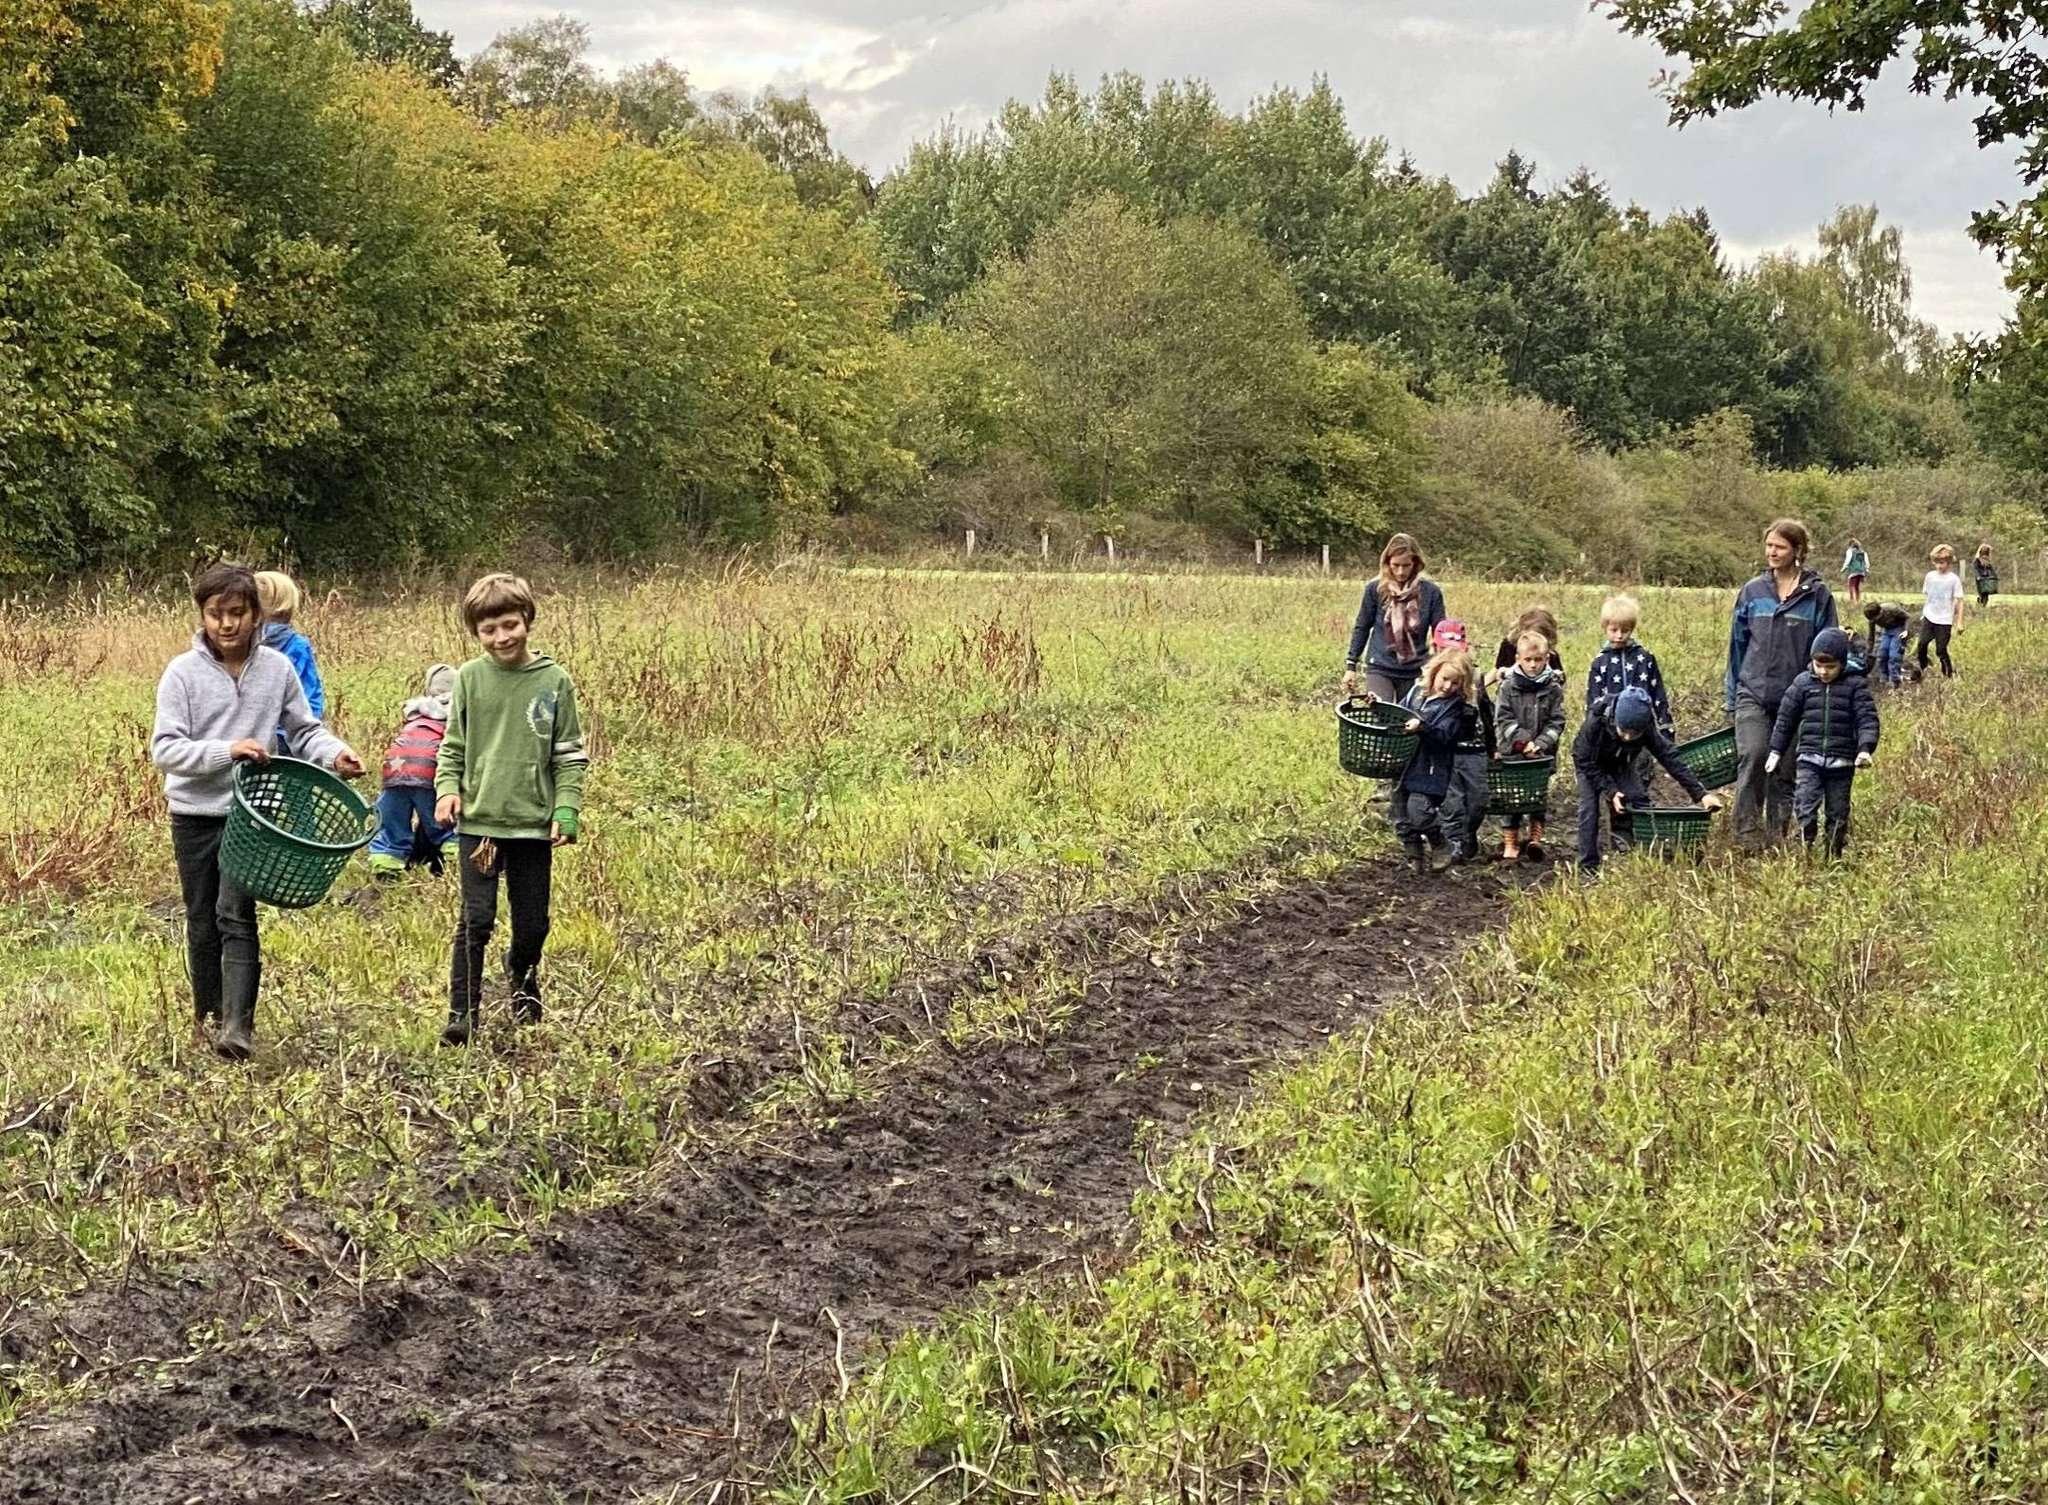 Die Kinder machten sich auf dem Feld an die Arbeit und erfuhren dabei so einiges über die Kartoffel. Foto: Alina Lyuleeva-Husemann